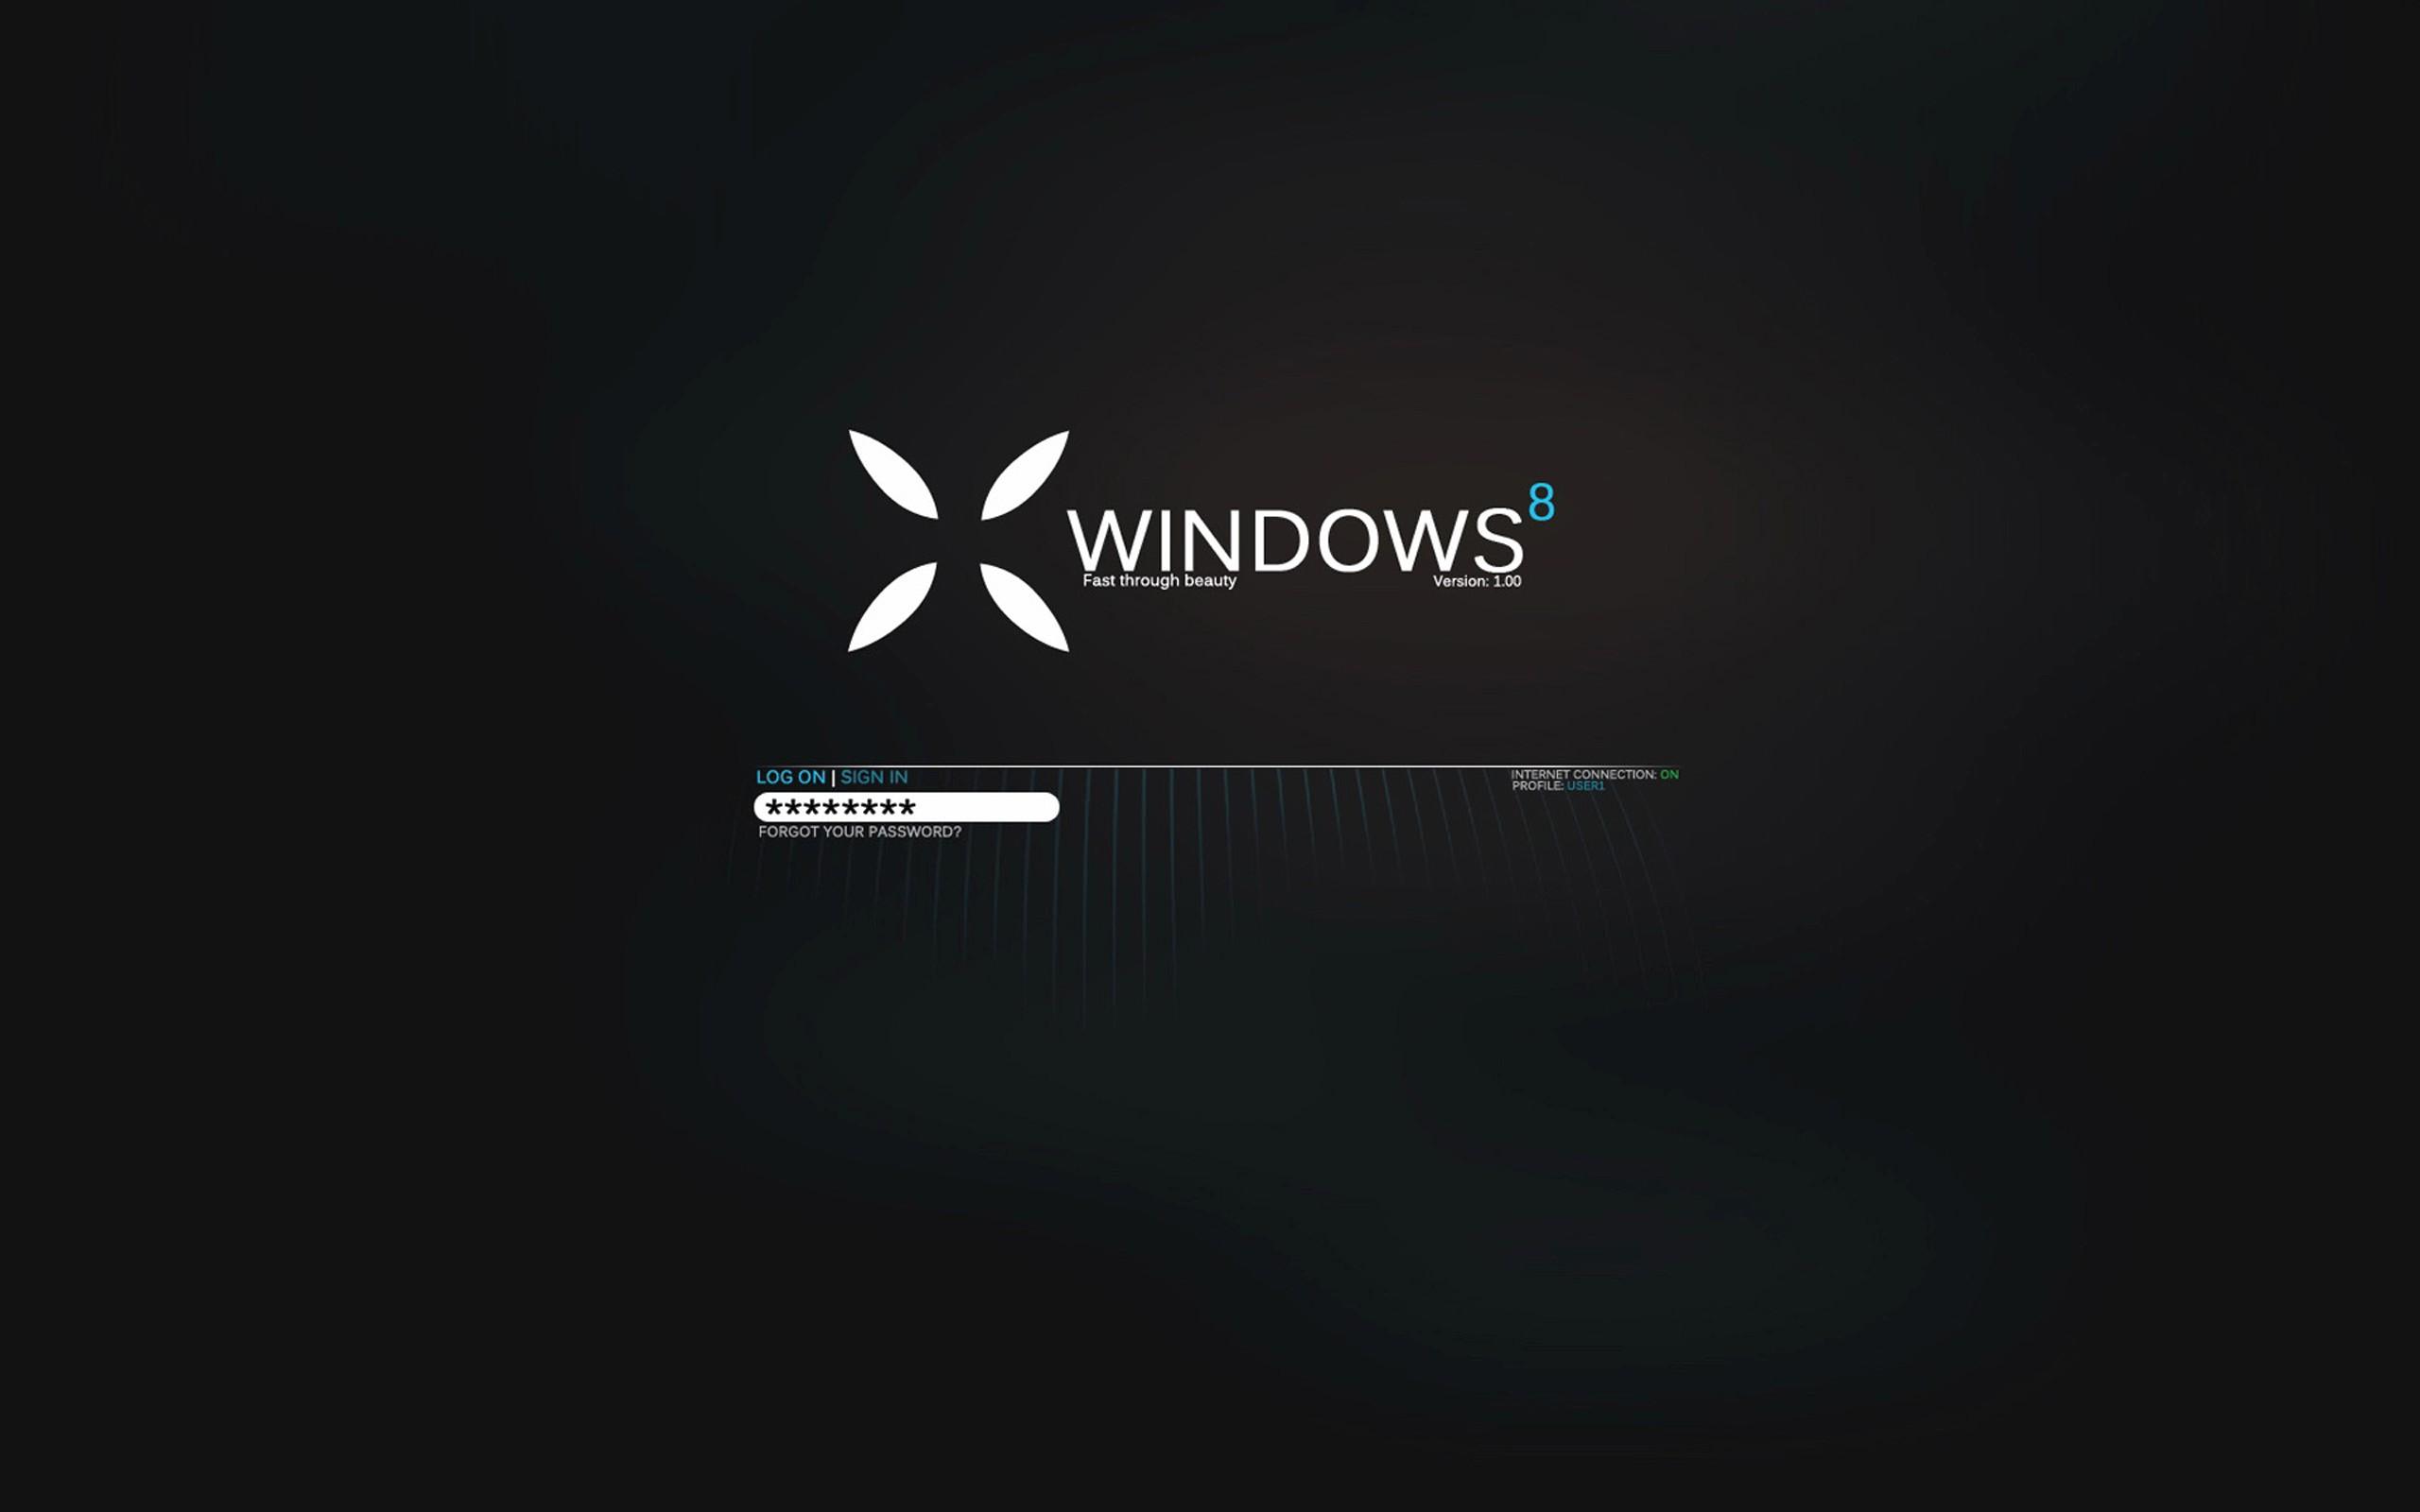 Wallpaper Hd For Windows 10 Pro لم يسبق له مثيل الصور Tier3 Xyz